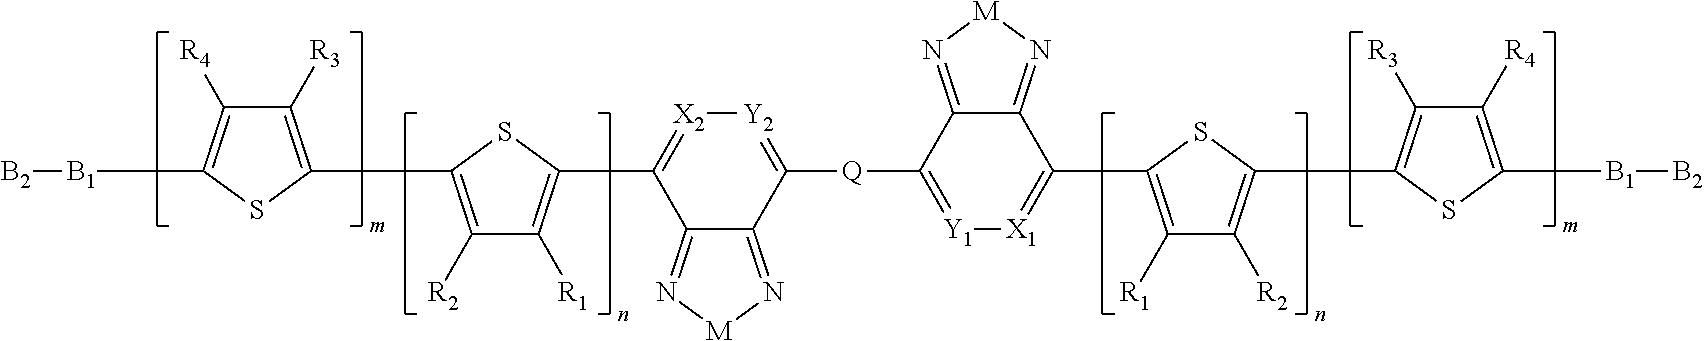 Figure US09865821-20180109-C00030